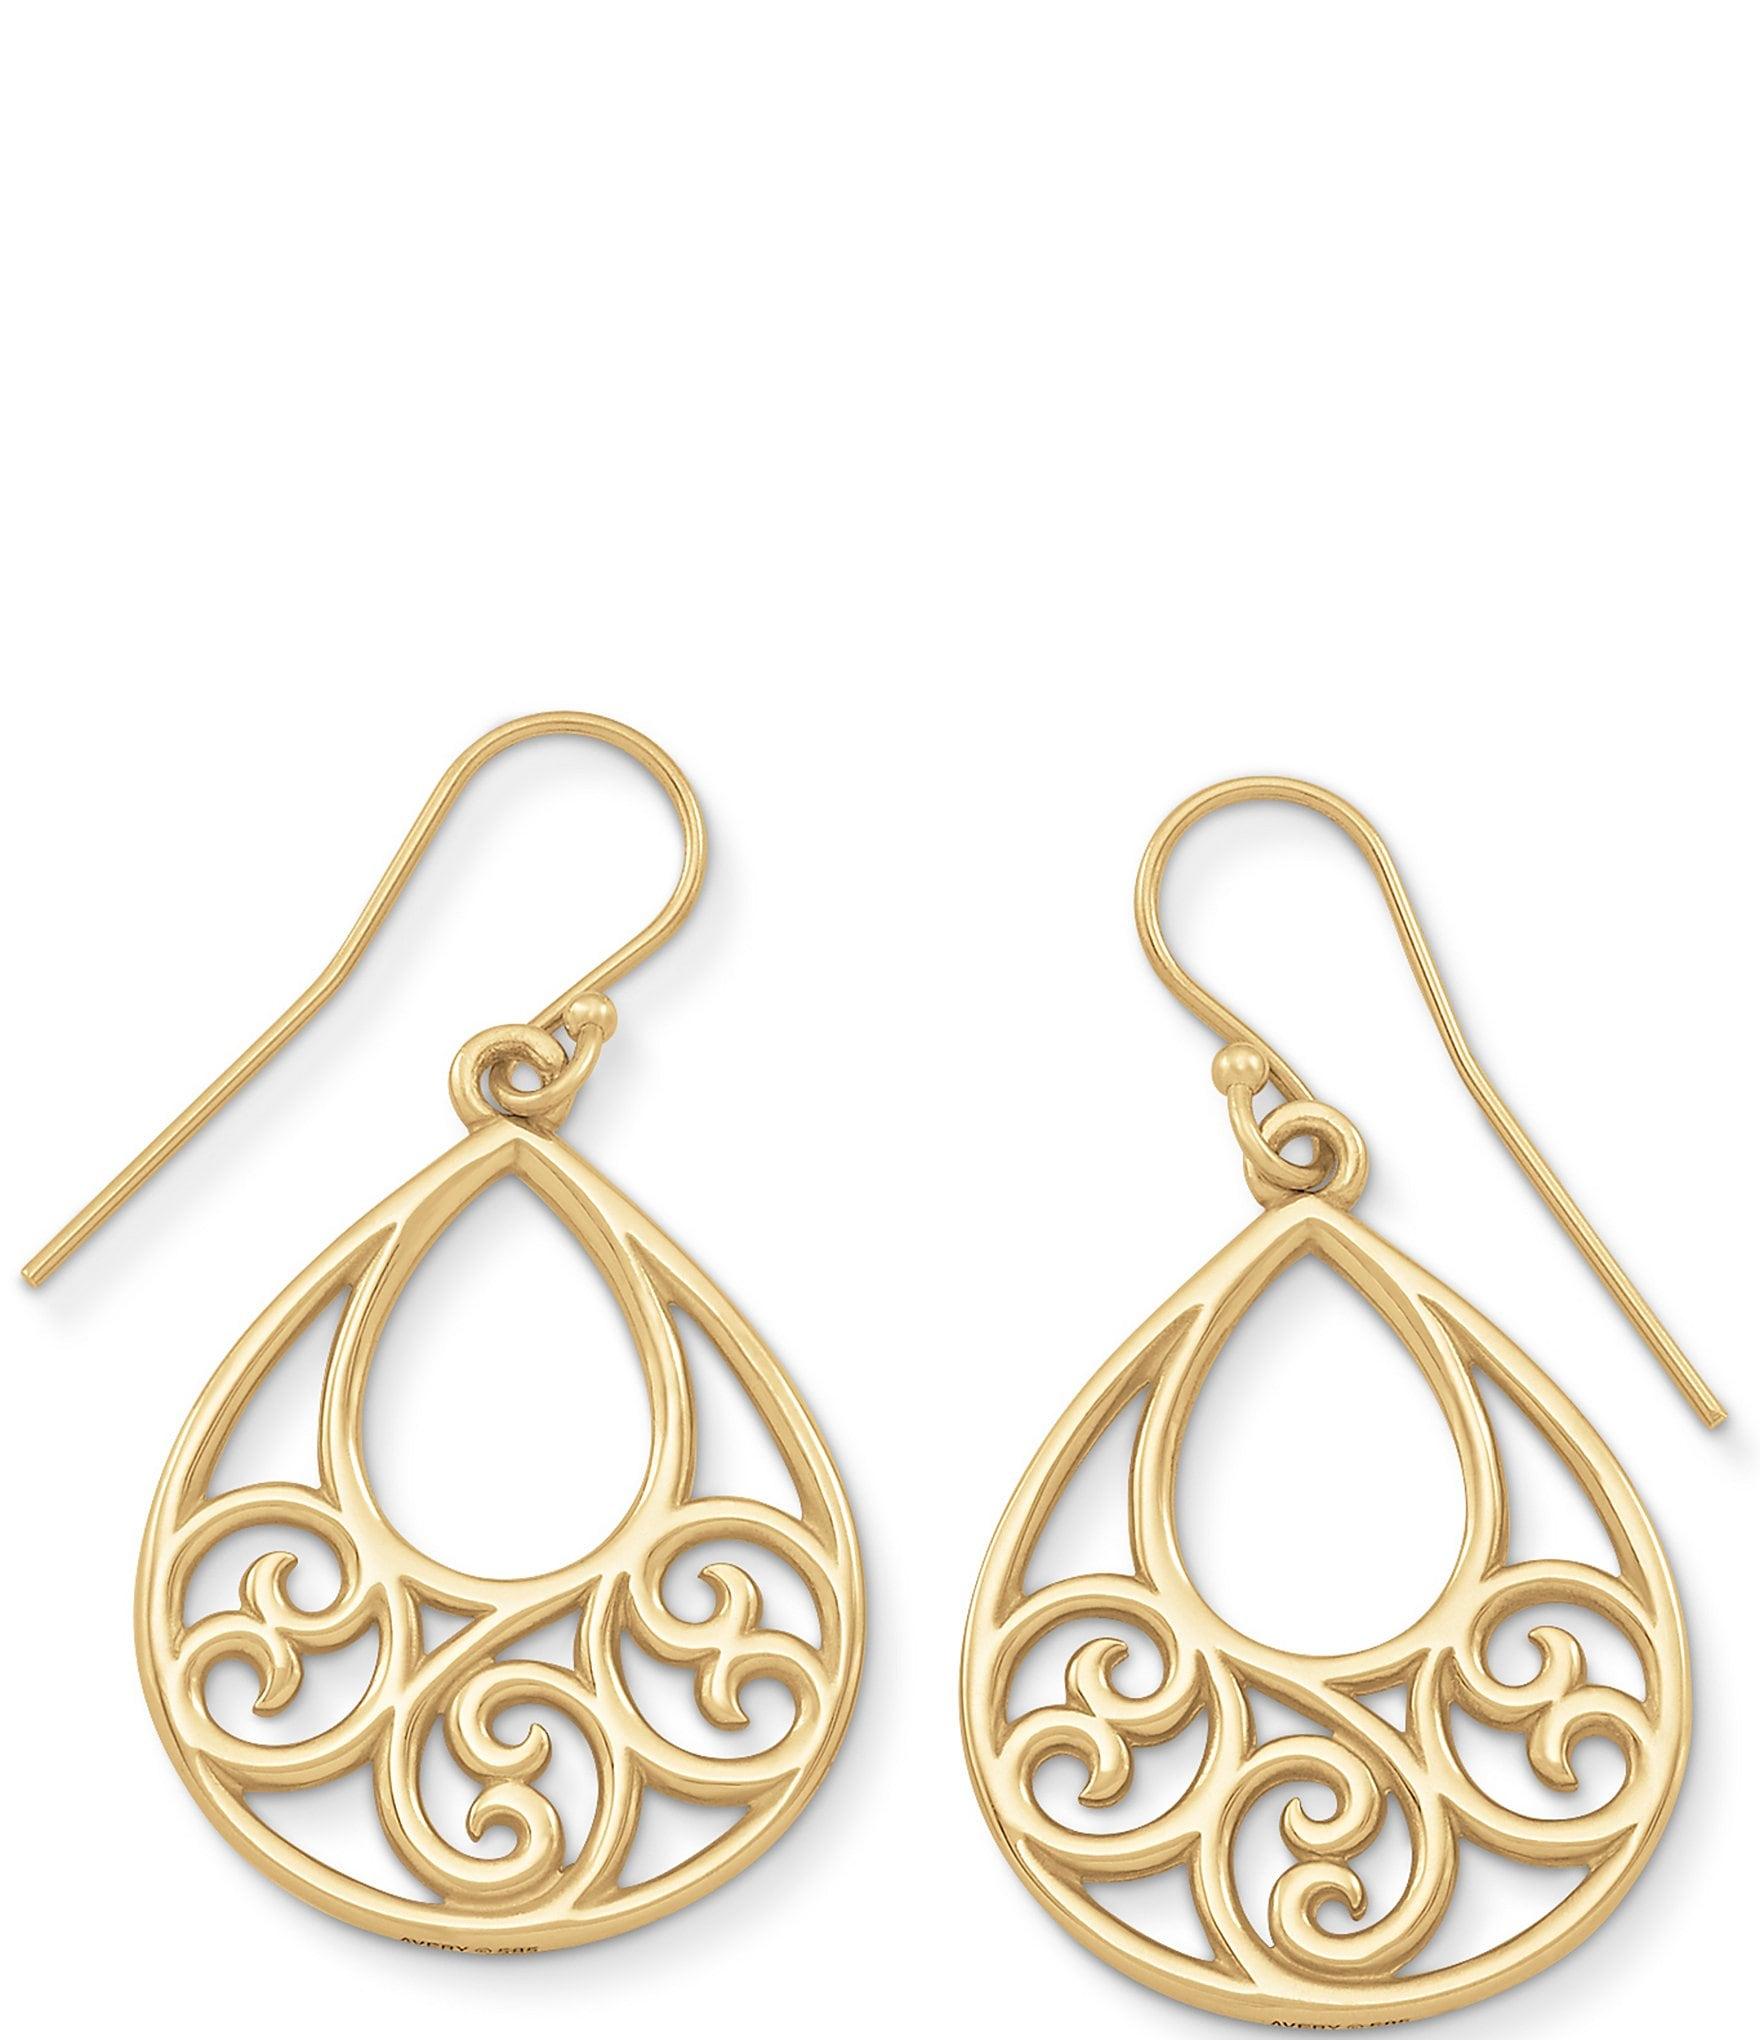 1195aacb6b847 James Avery 14K Gold Gentle Wave Ear Hooks